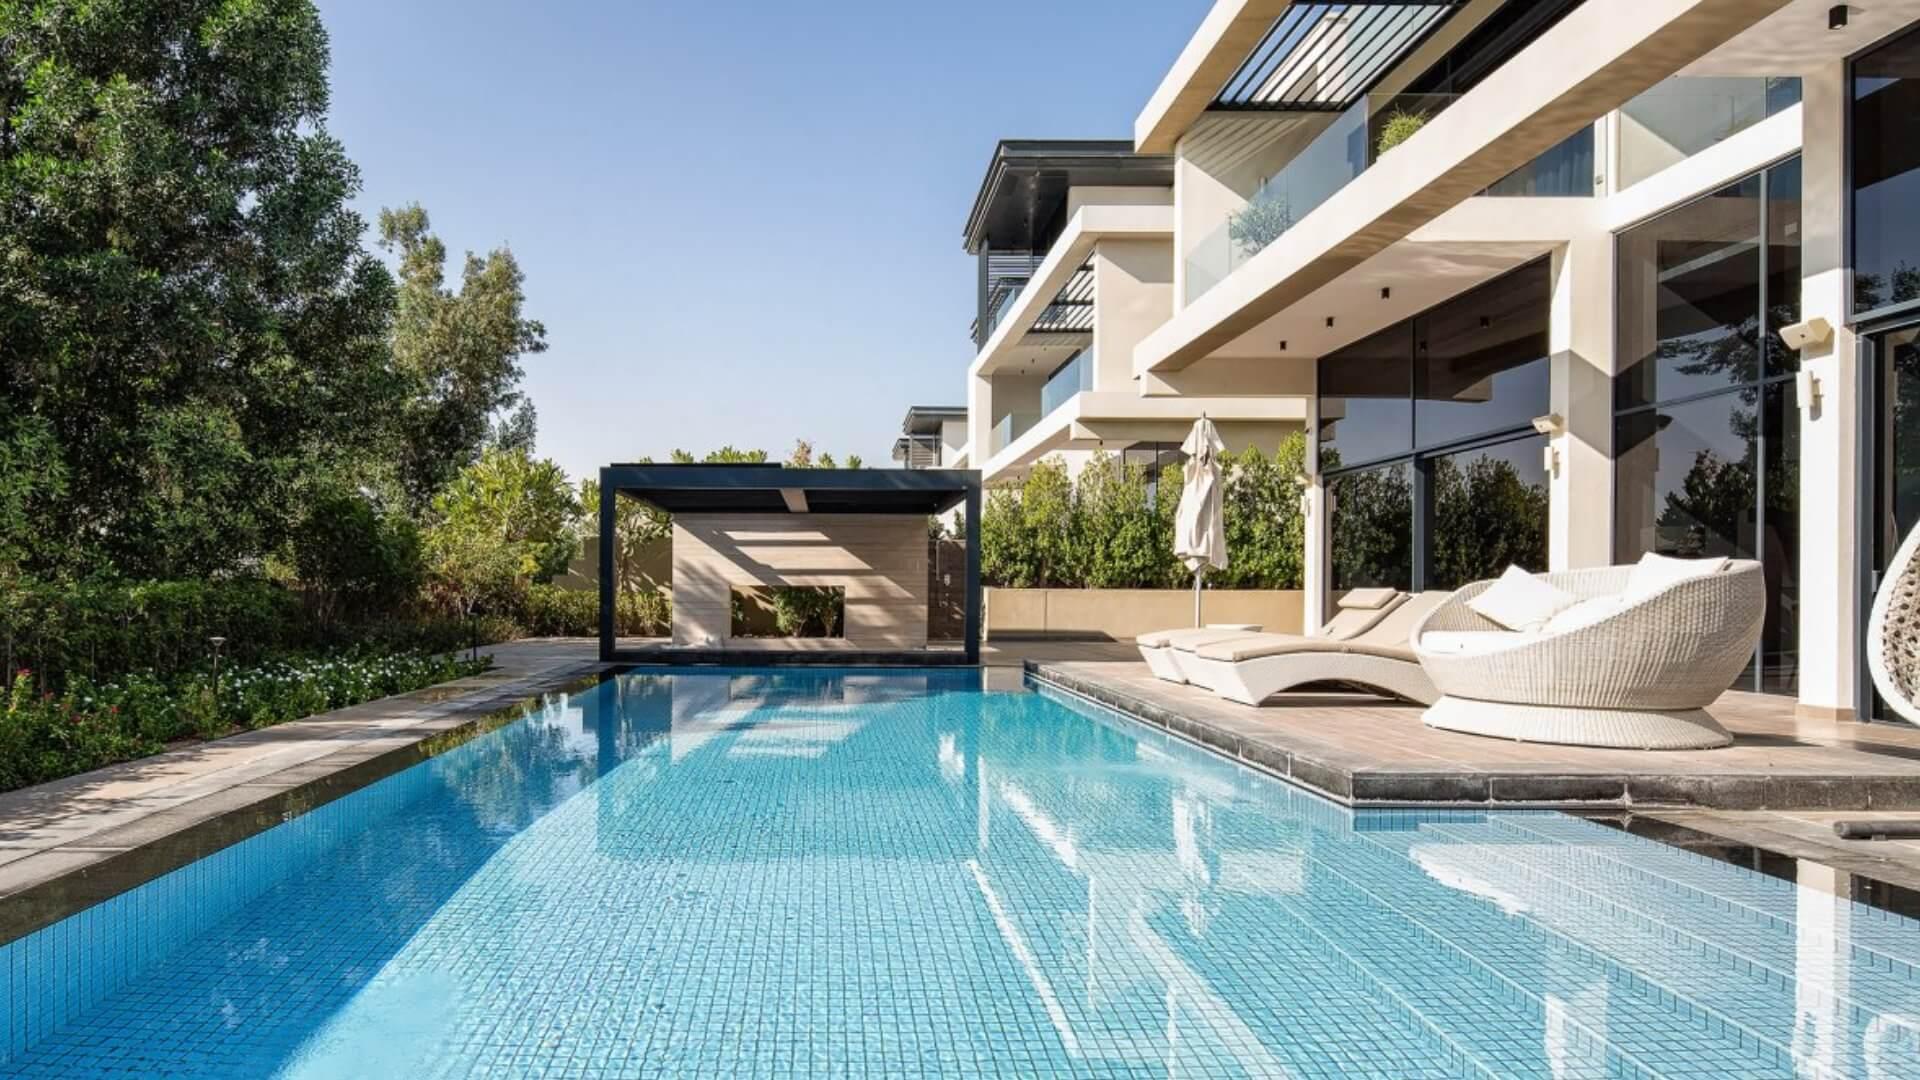 Villa en venta en Dubai, EAU, 6 dormitorios, 1117 m2, № 24249 – foto 2